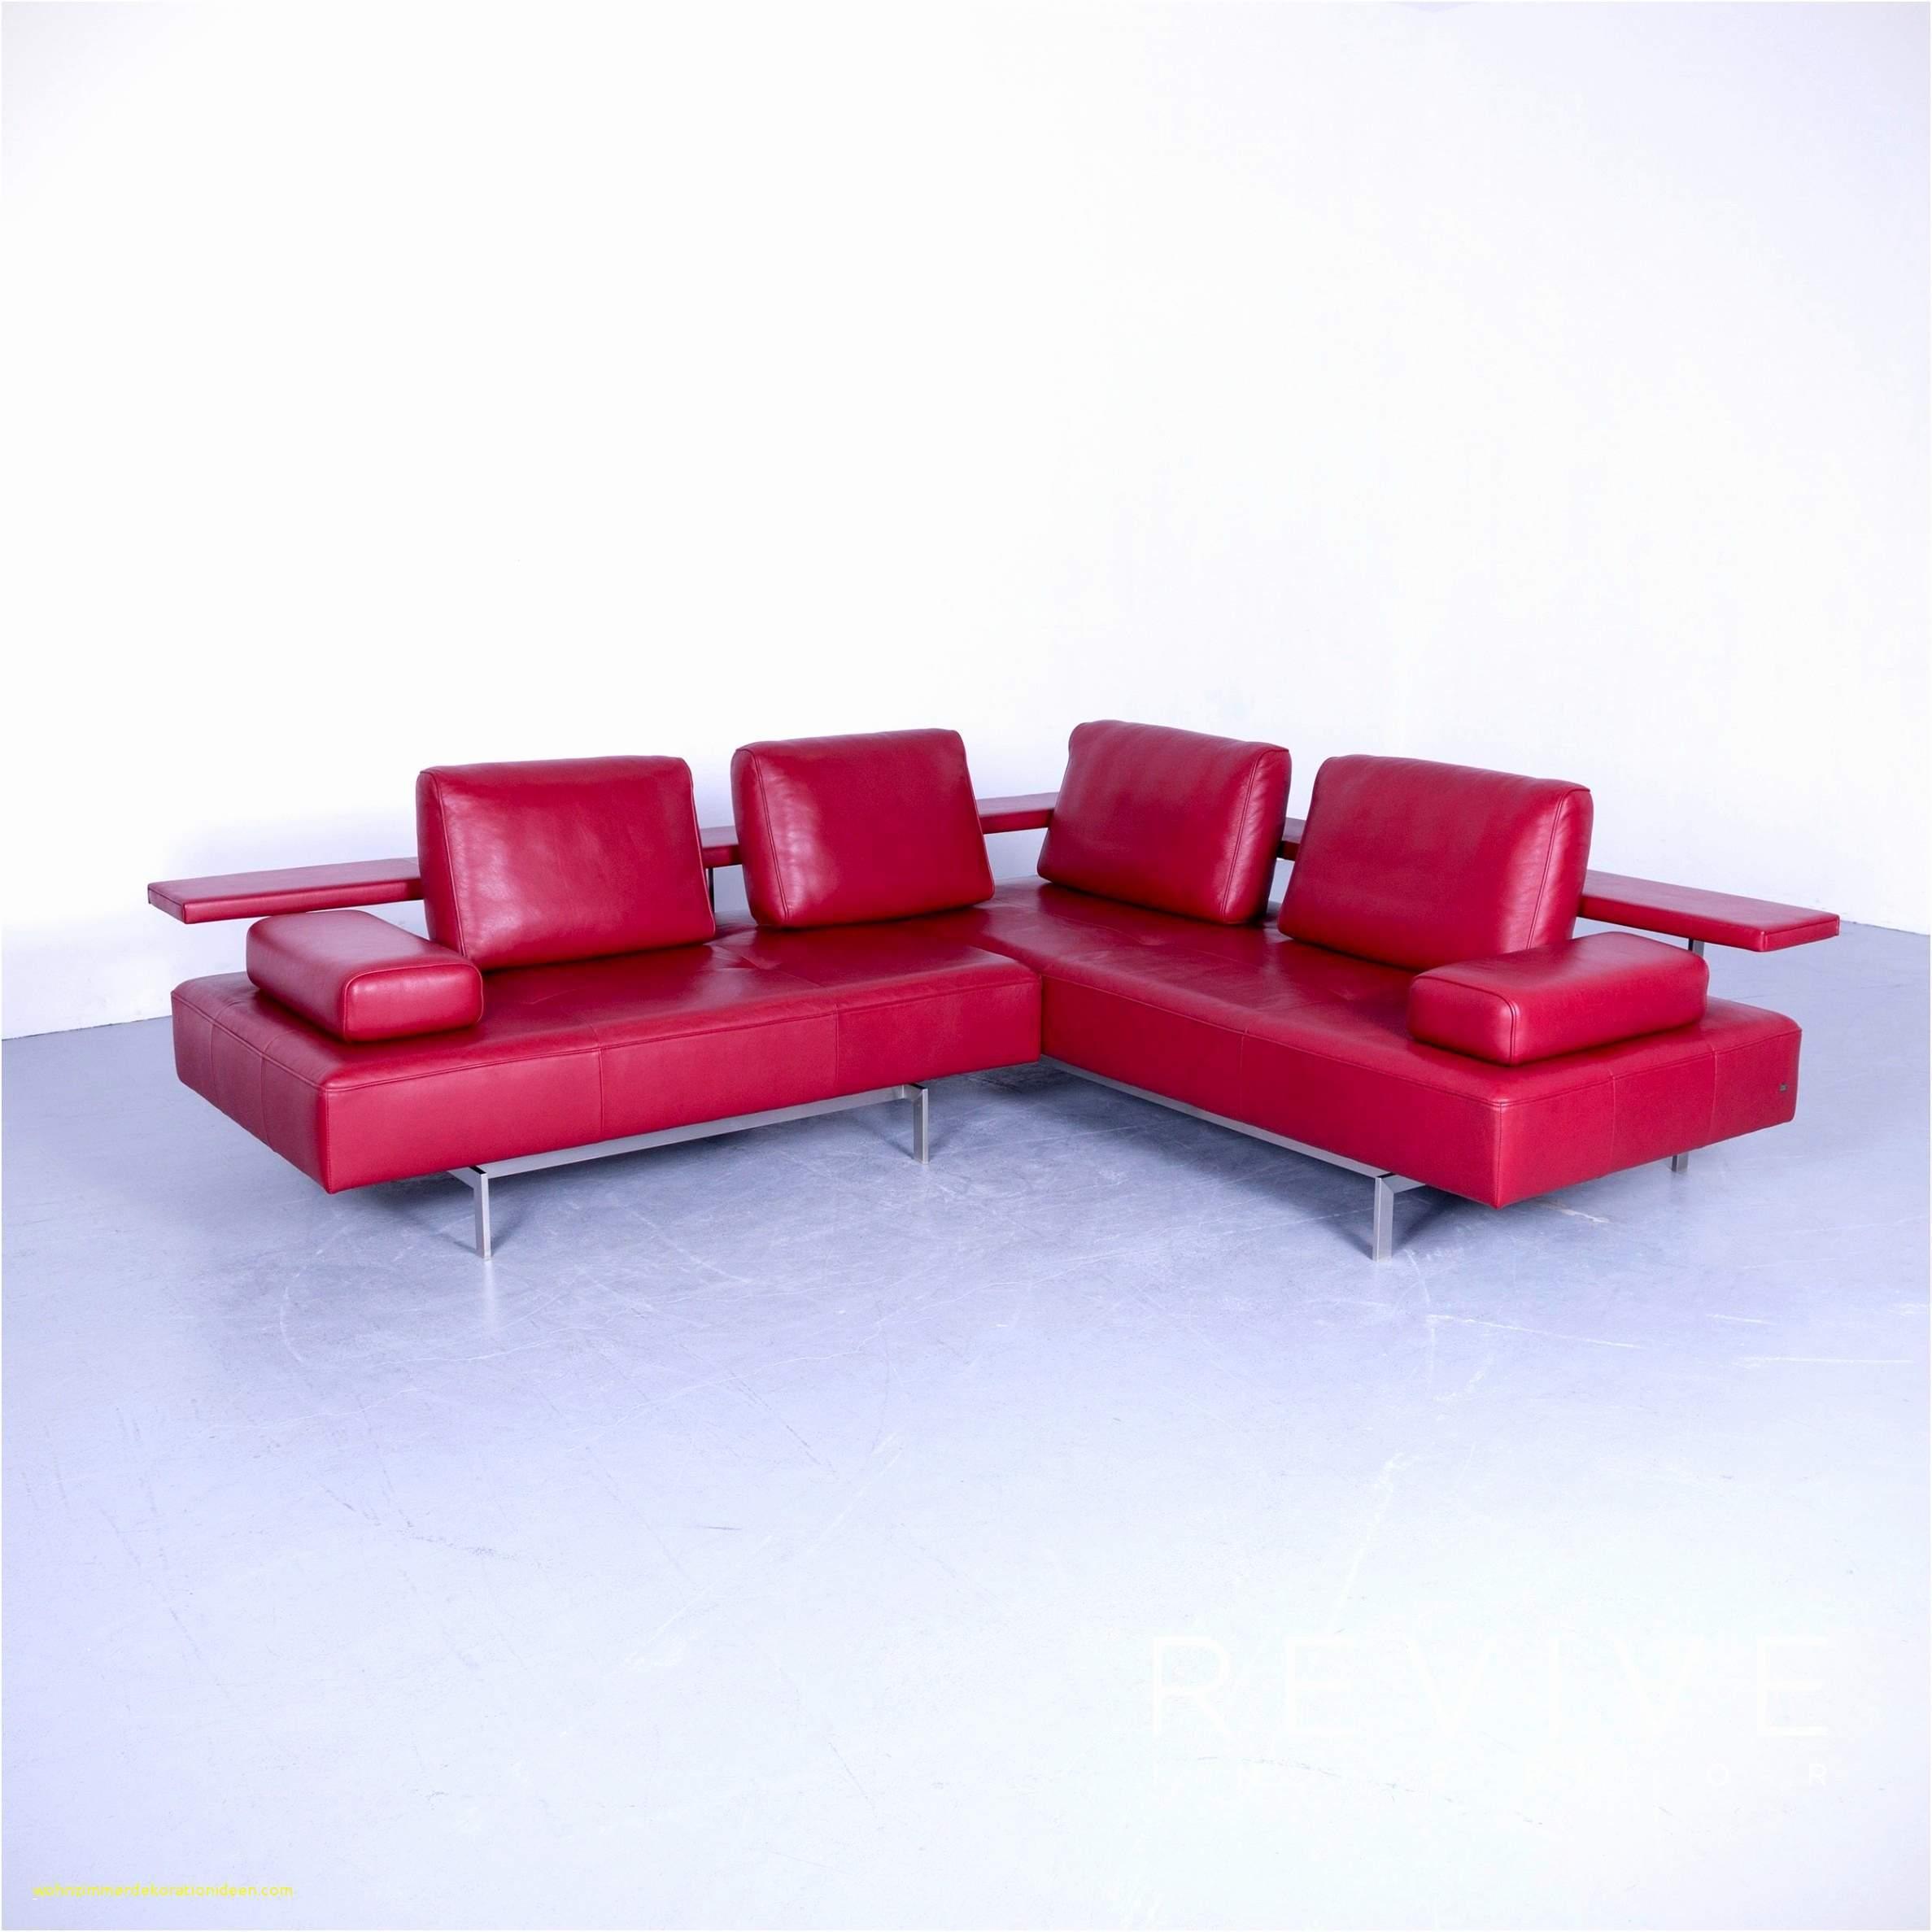 rattan sofa wohnzimmer genial rattan sofa wohnzimmer luxus 54 elegant ledercouch luxus of rattan sofa wohnzimmer